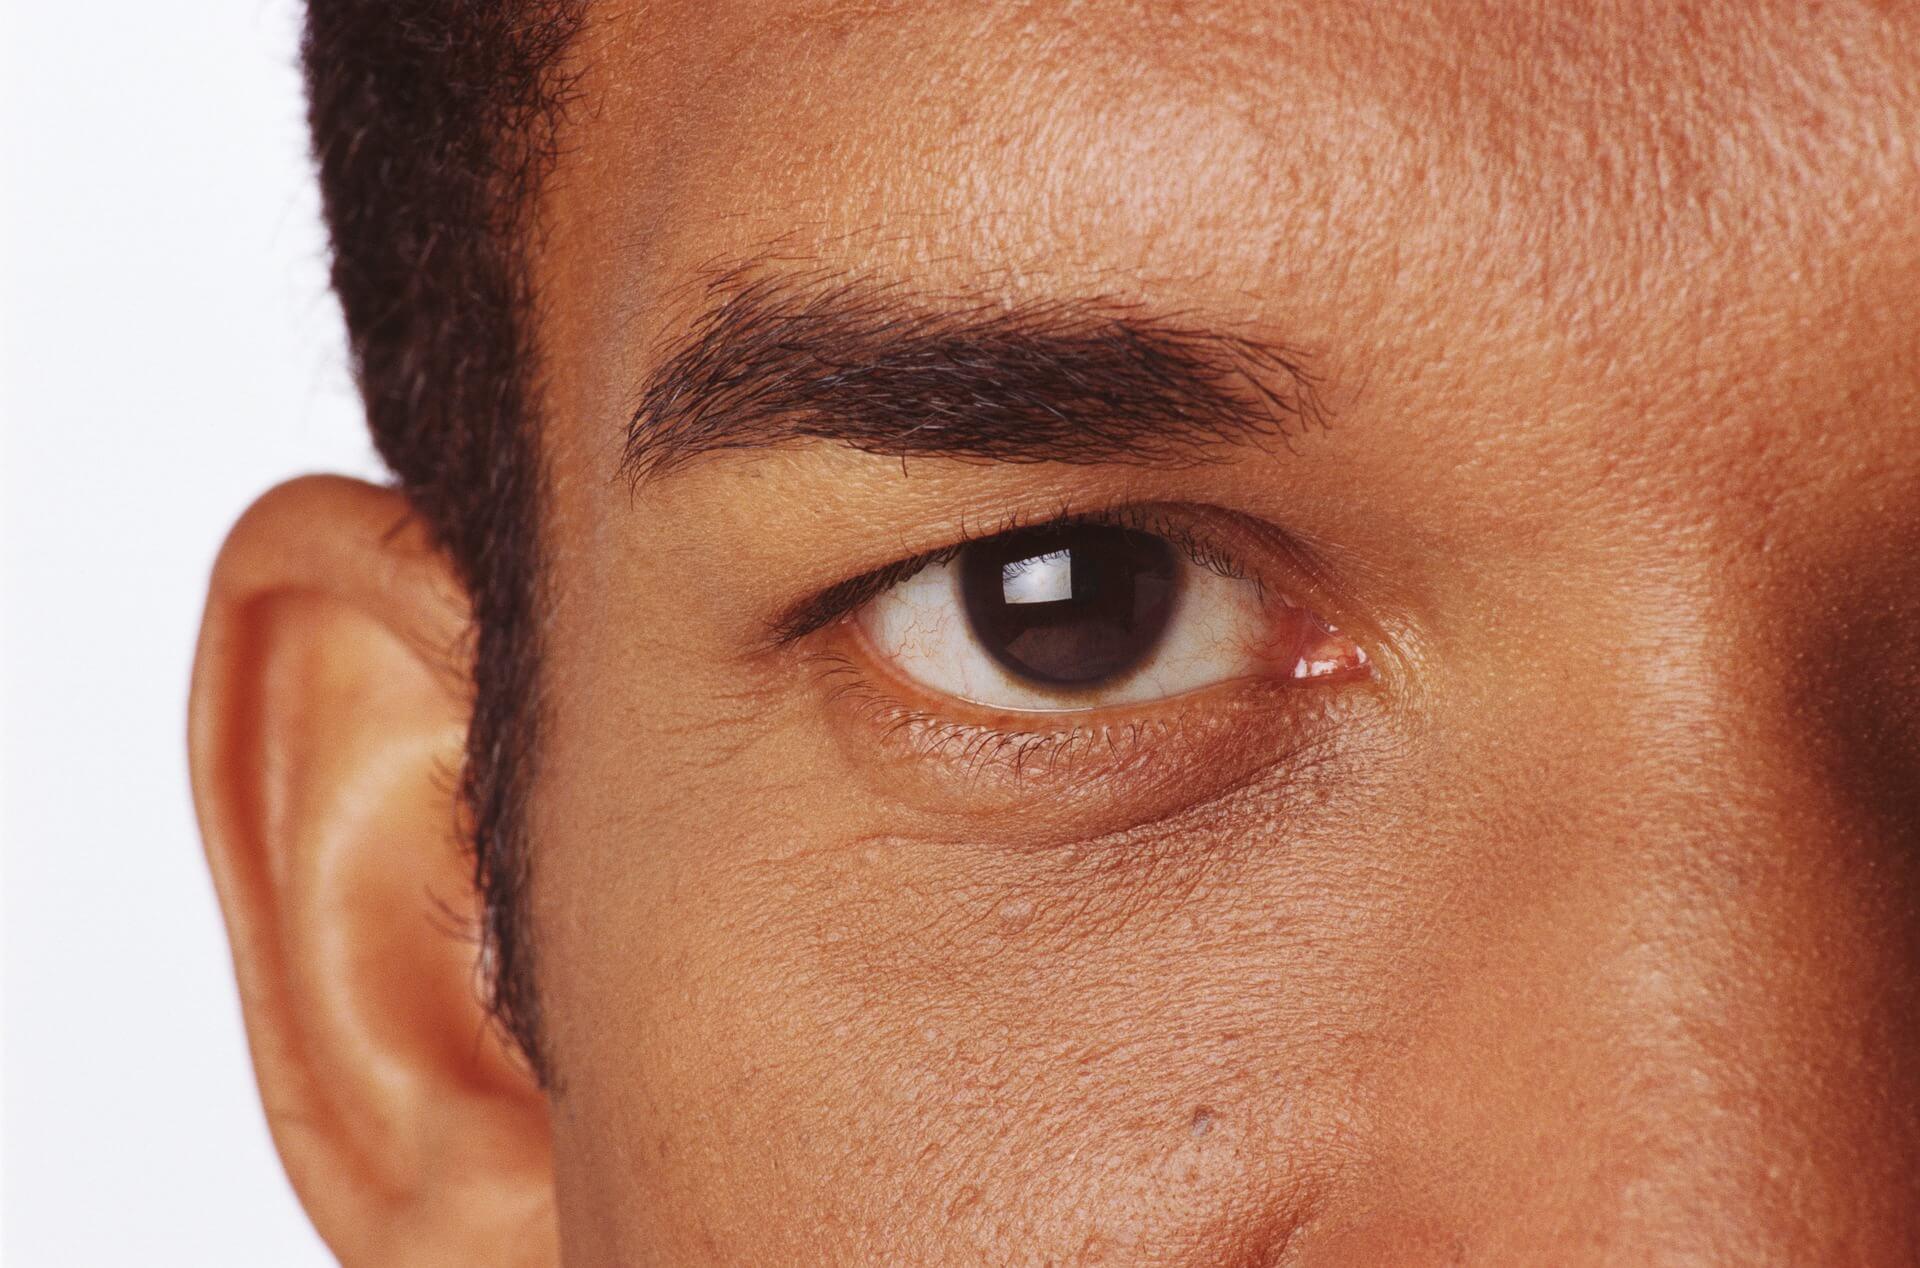 男性の運転免許証写真の写りは眉毛で良くなる!デザインやメイク手順を紹介